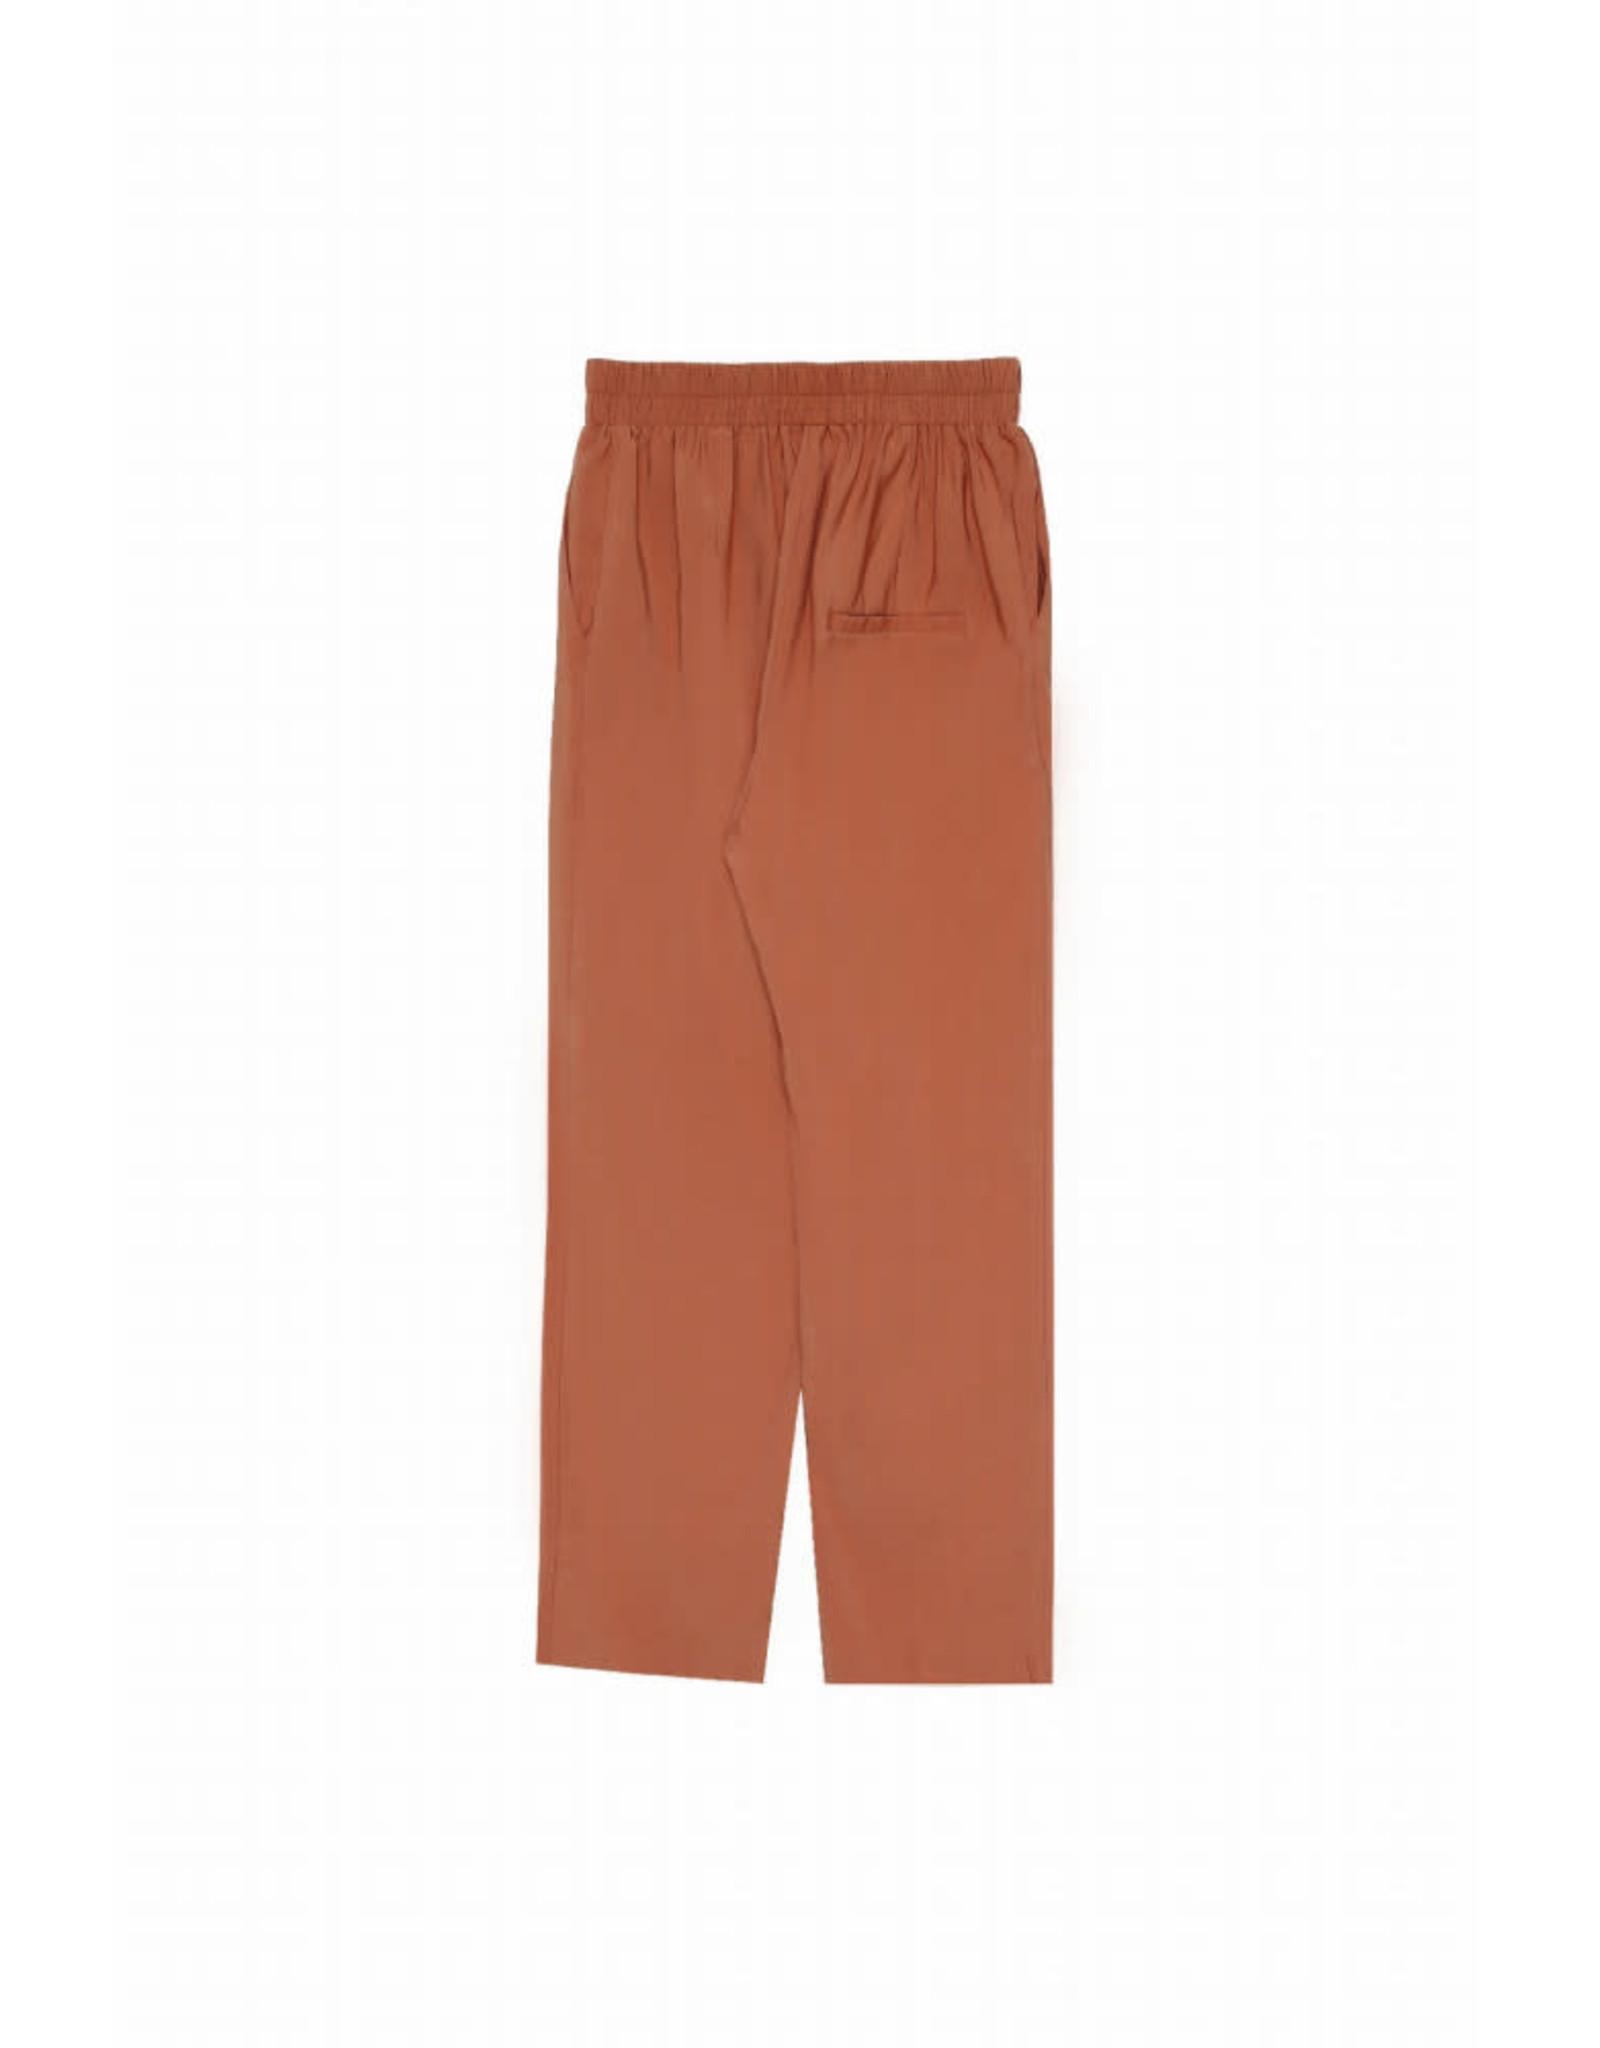 Grace & Mila Grace & Mila - Charlot pantalon